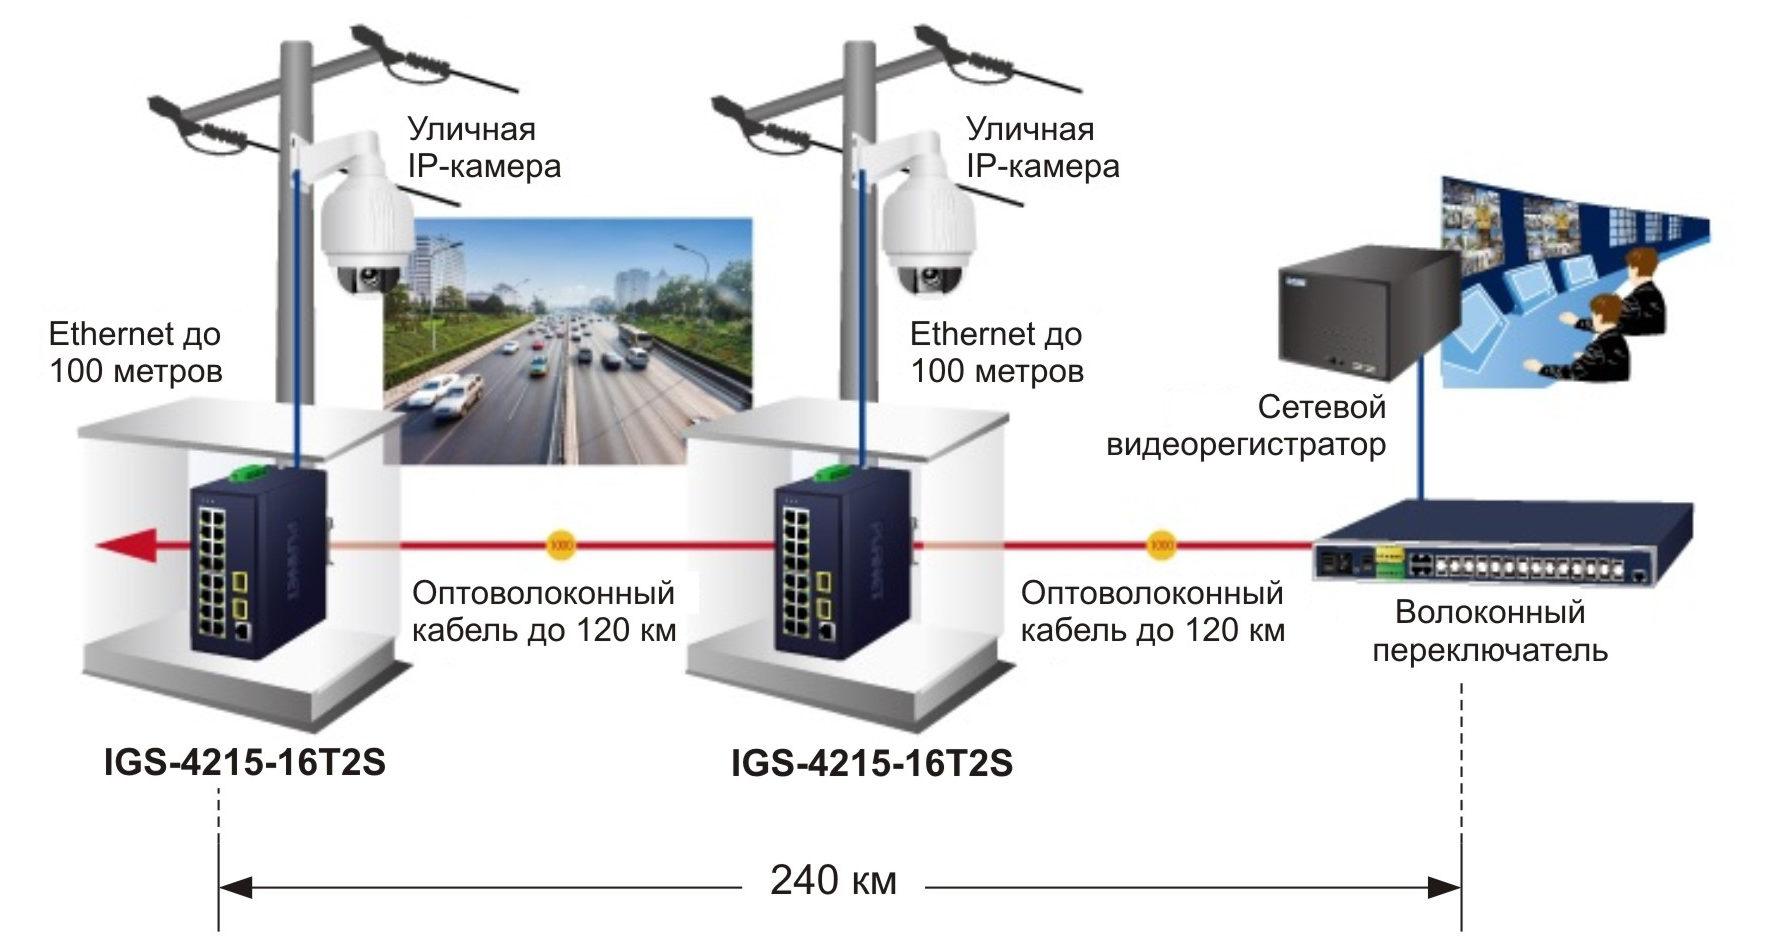 IGS-4215-16T2S — промышленный управляемый коммутатор уровня L2/L4 с 16 медными портами 10/100/1000BASE-T и двумя оптическими портами 100/1000BASE-SX/LX/BX SFP